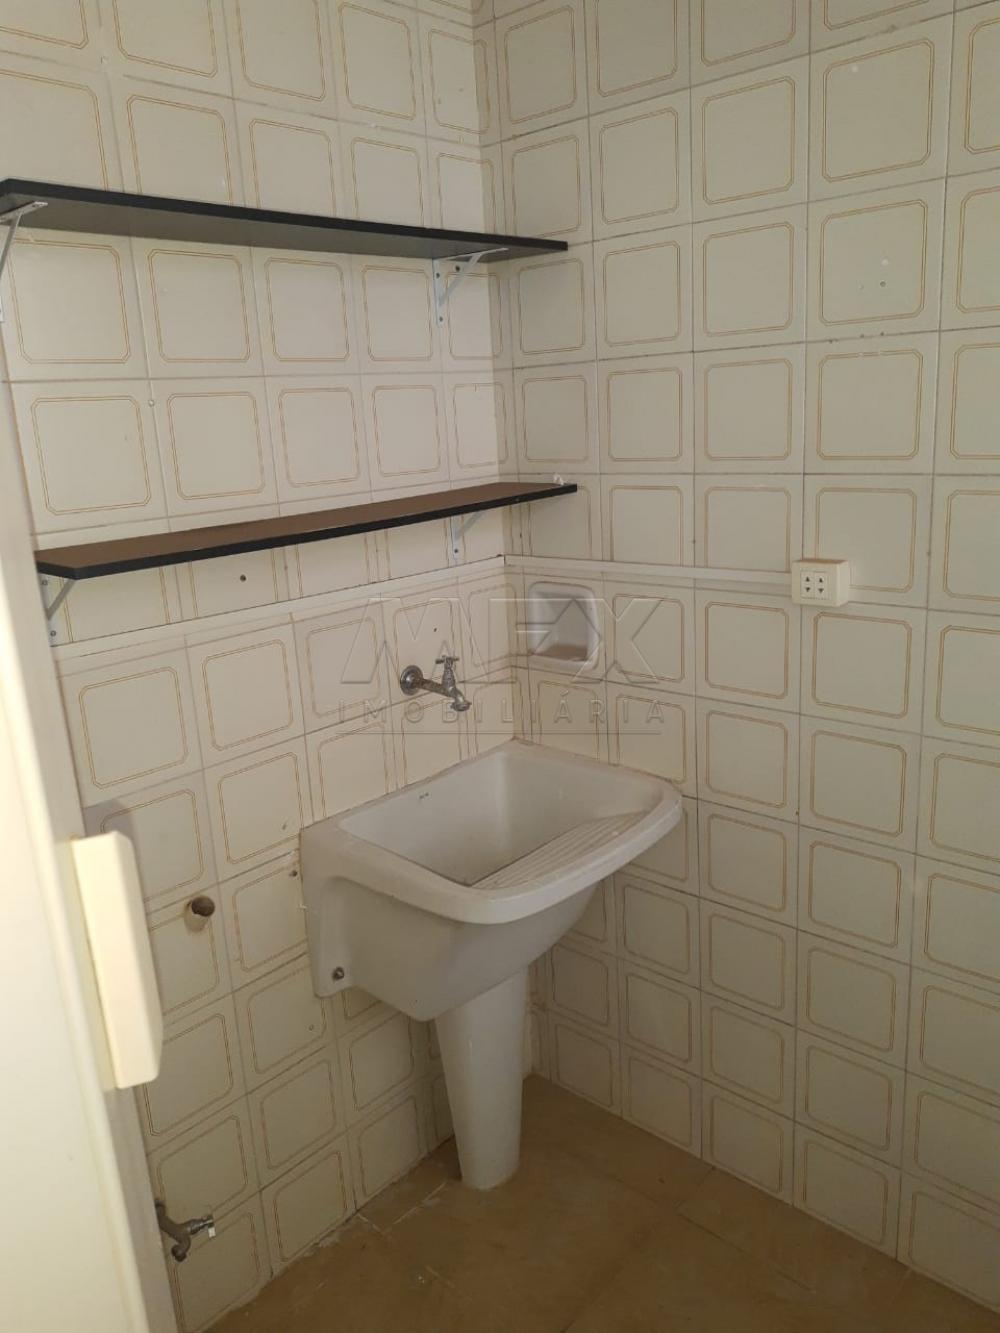 Comprar Apartamento / Padrão em Bauru R$ 154.000,00 - Foto 8